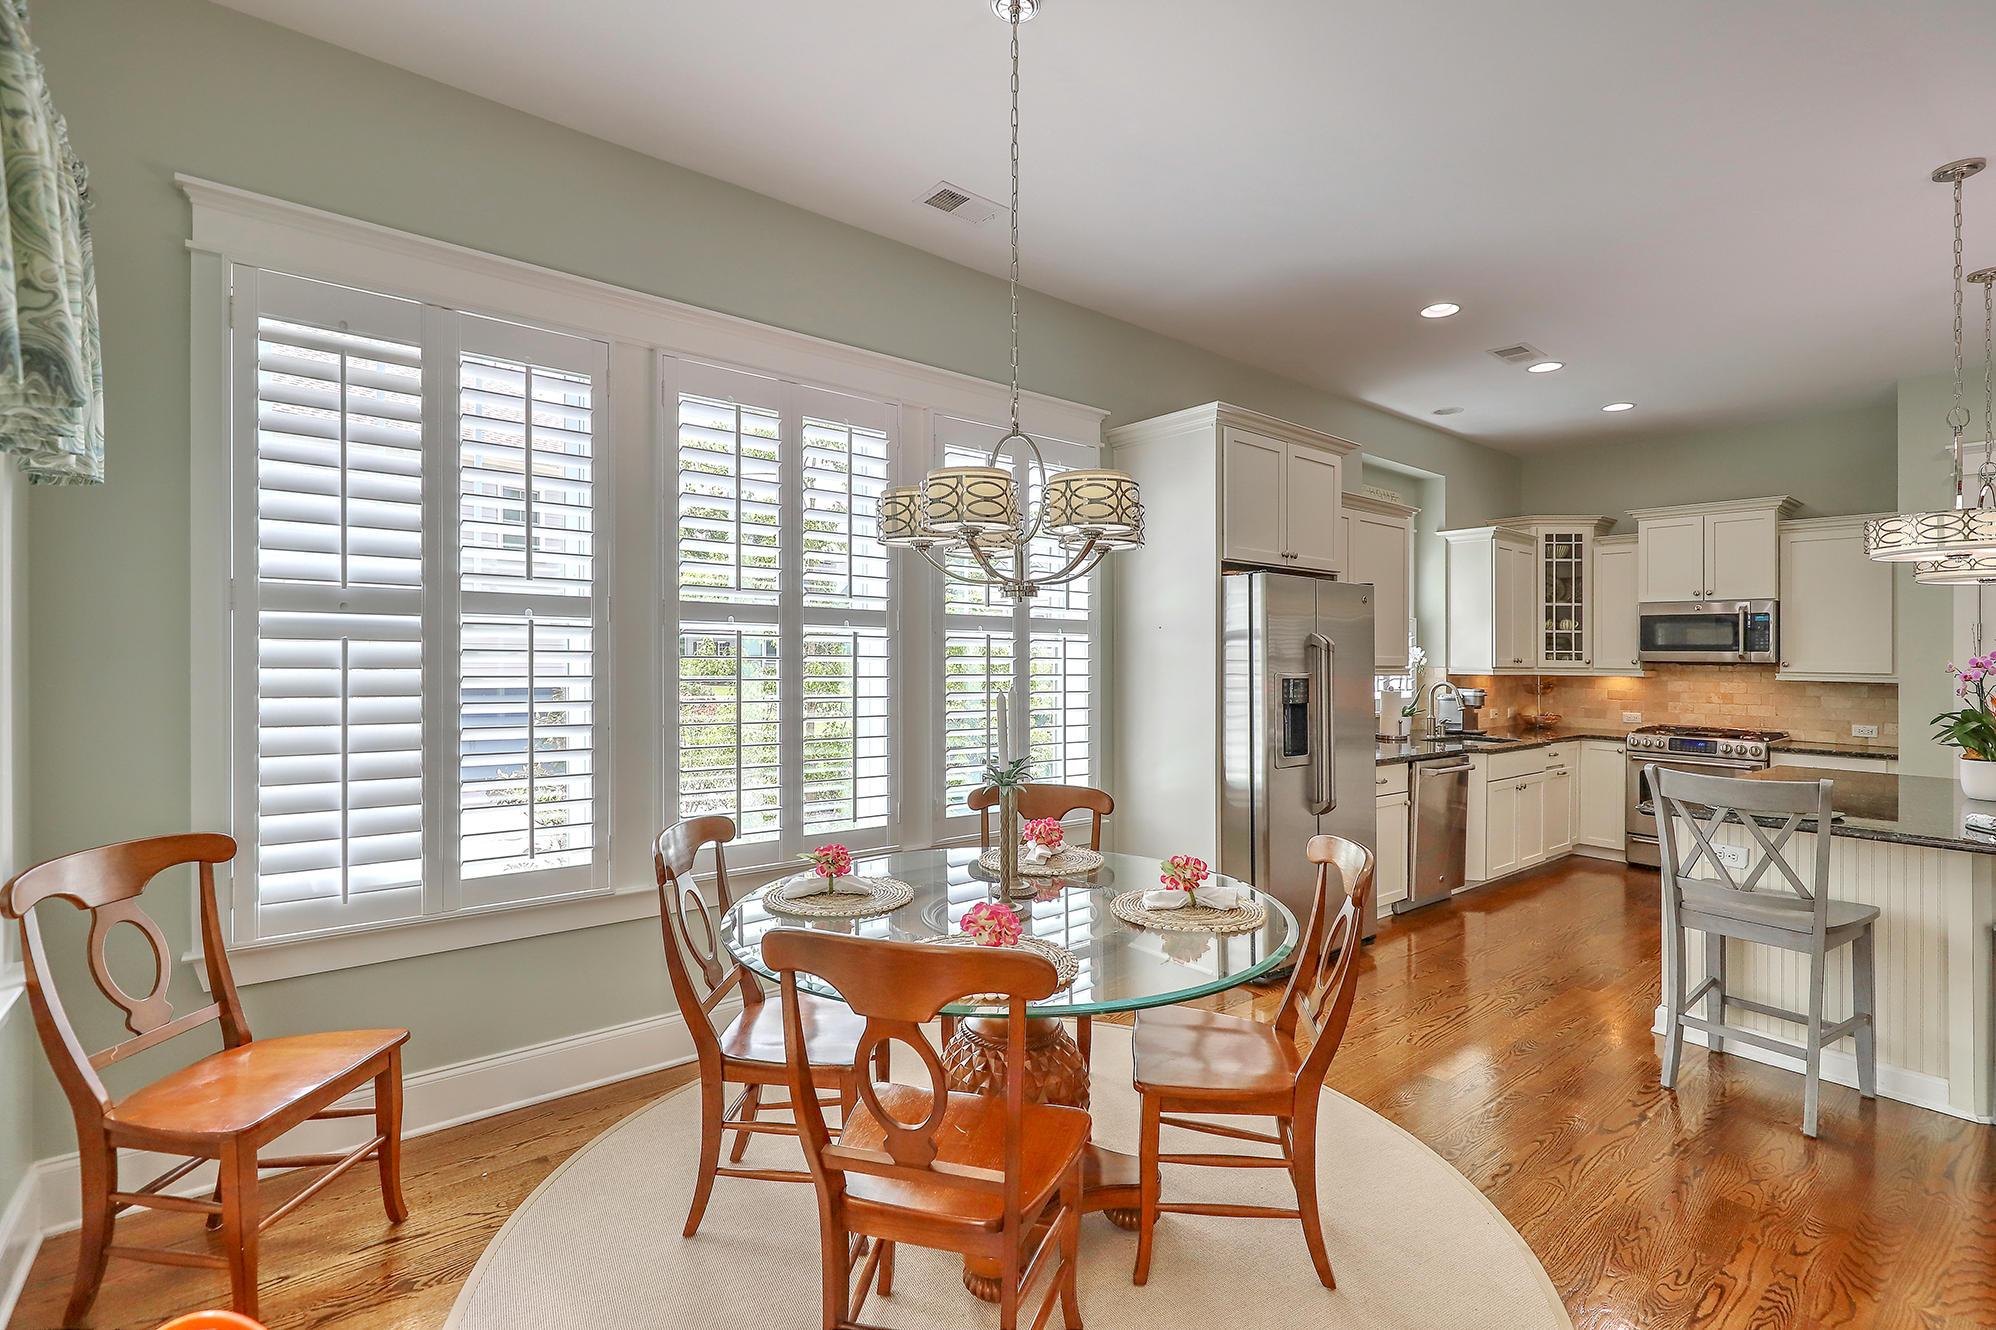 Park West Homes For Sale - 1516 Capel, Mount Pleasant, SC - 22